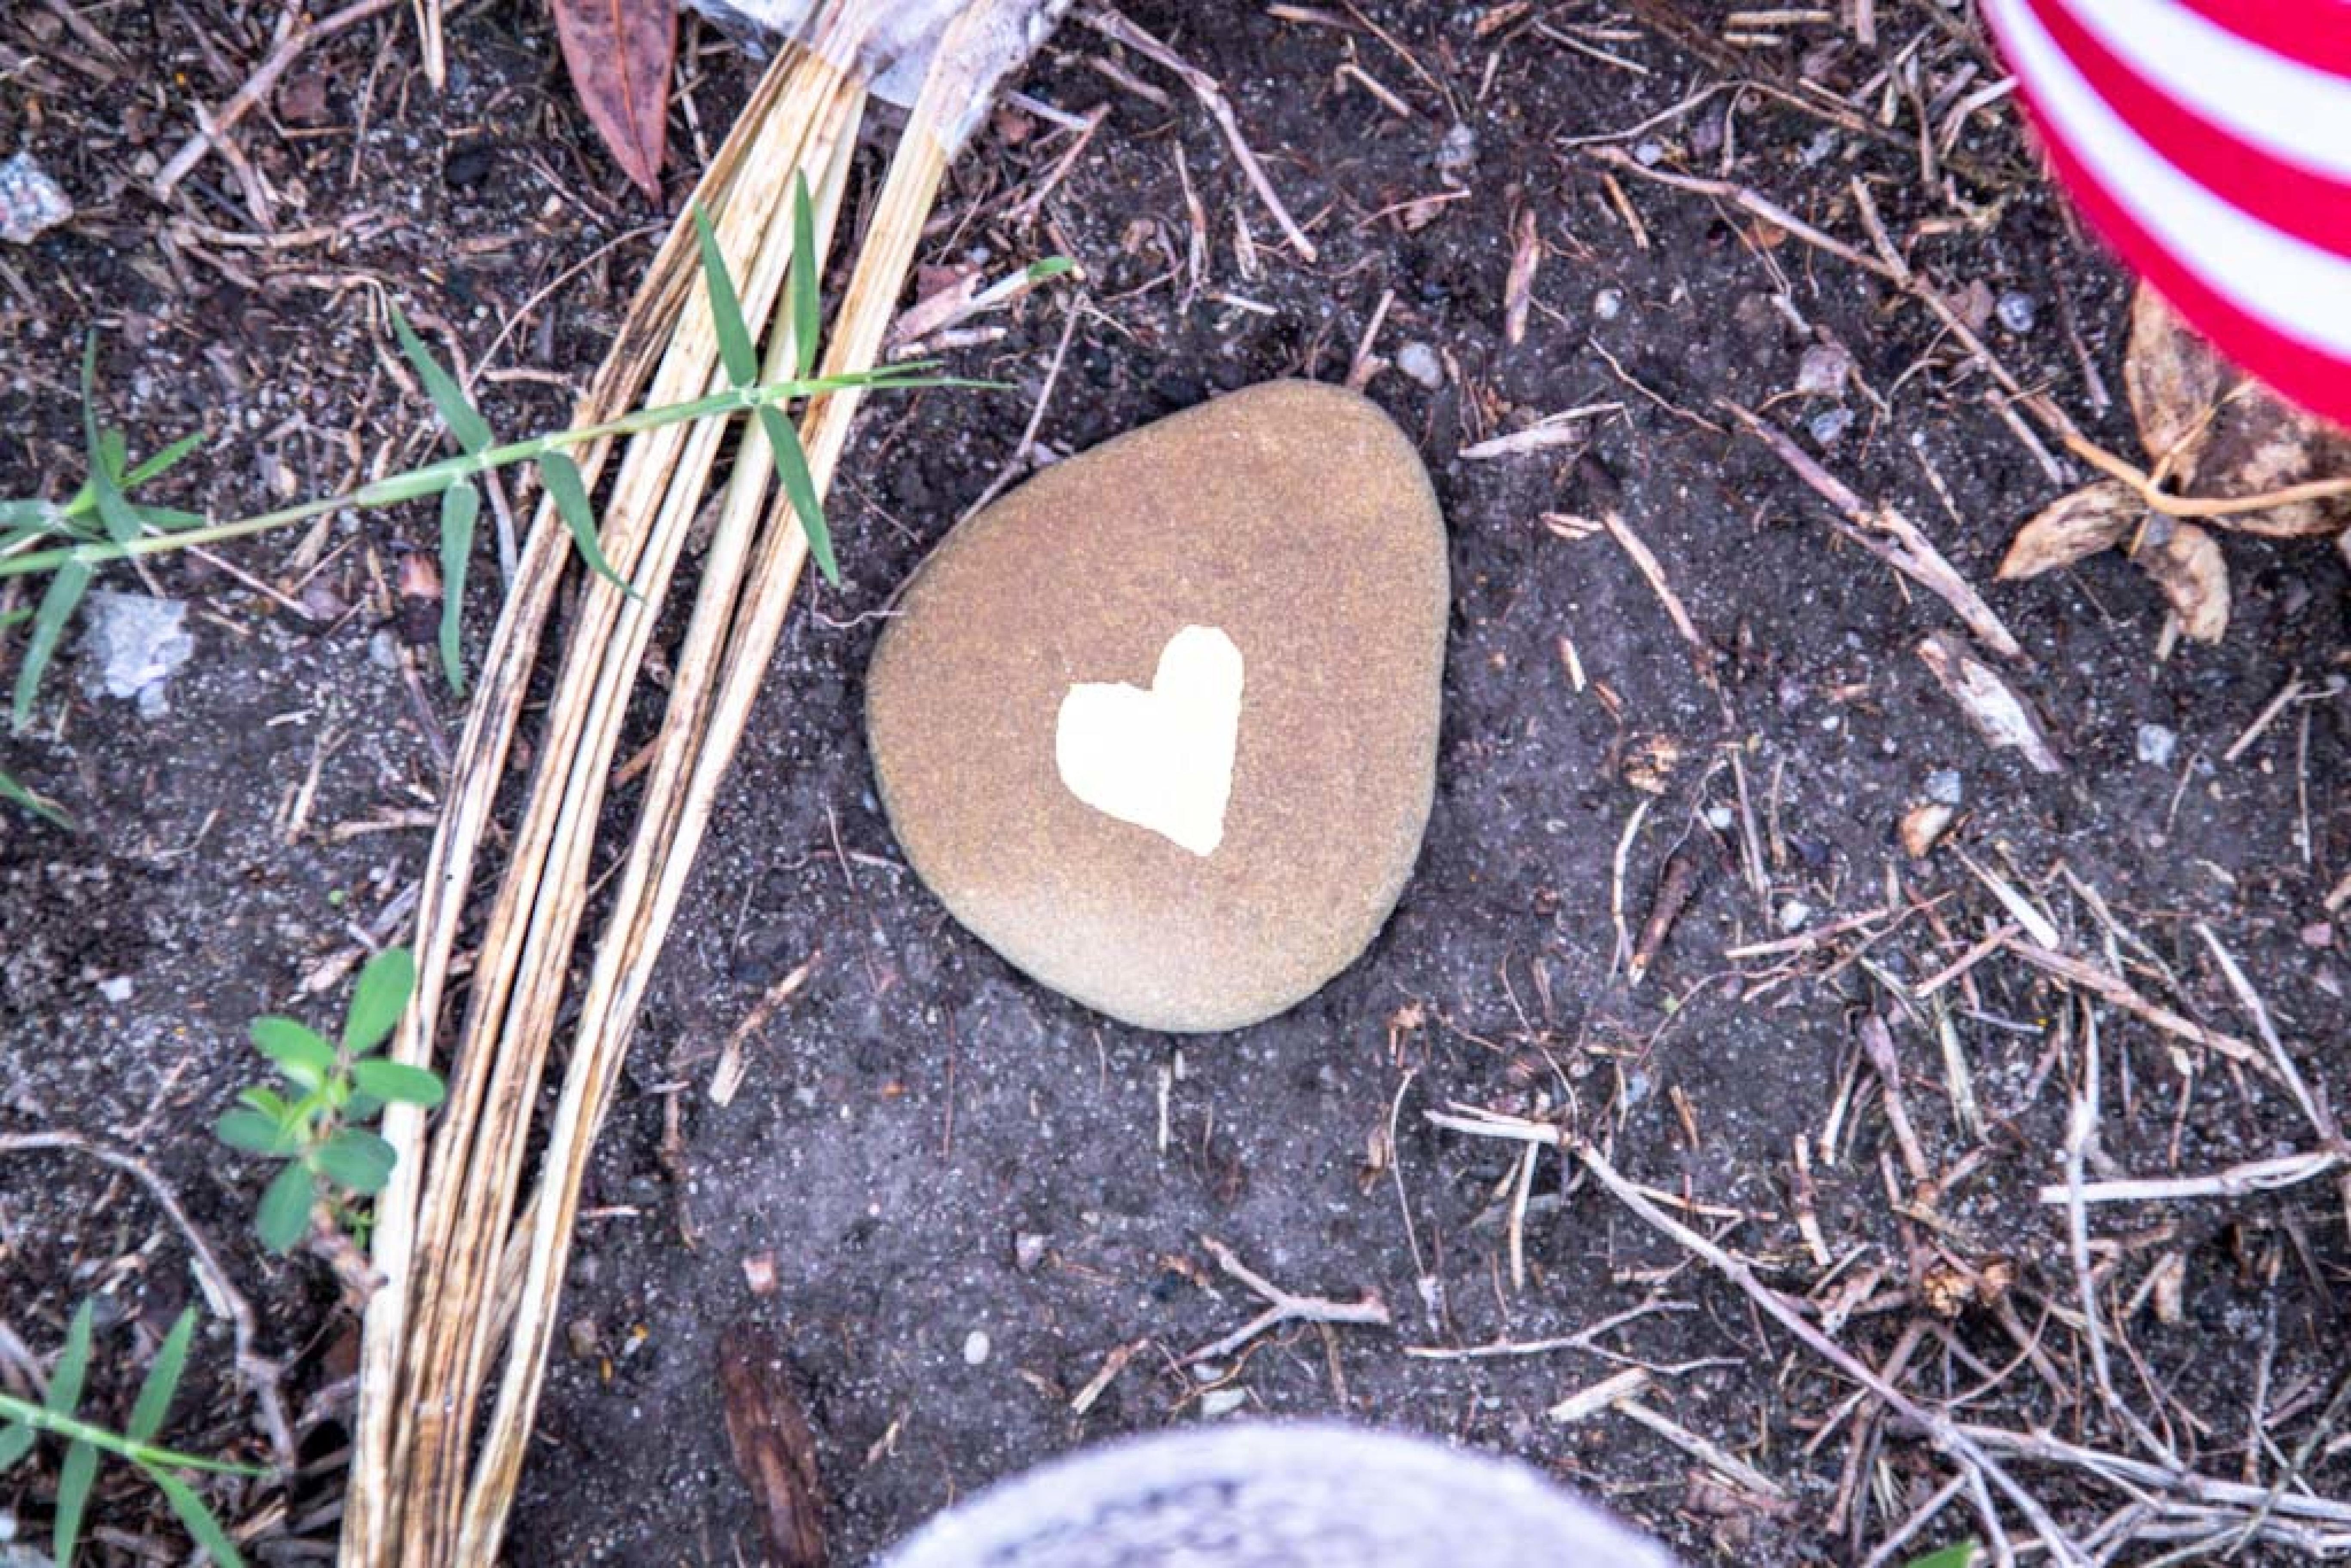 Heart in dirt